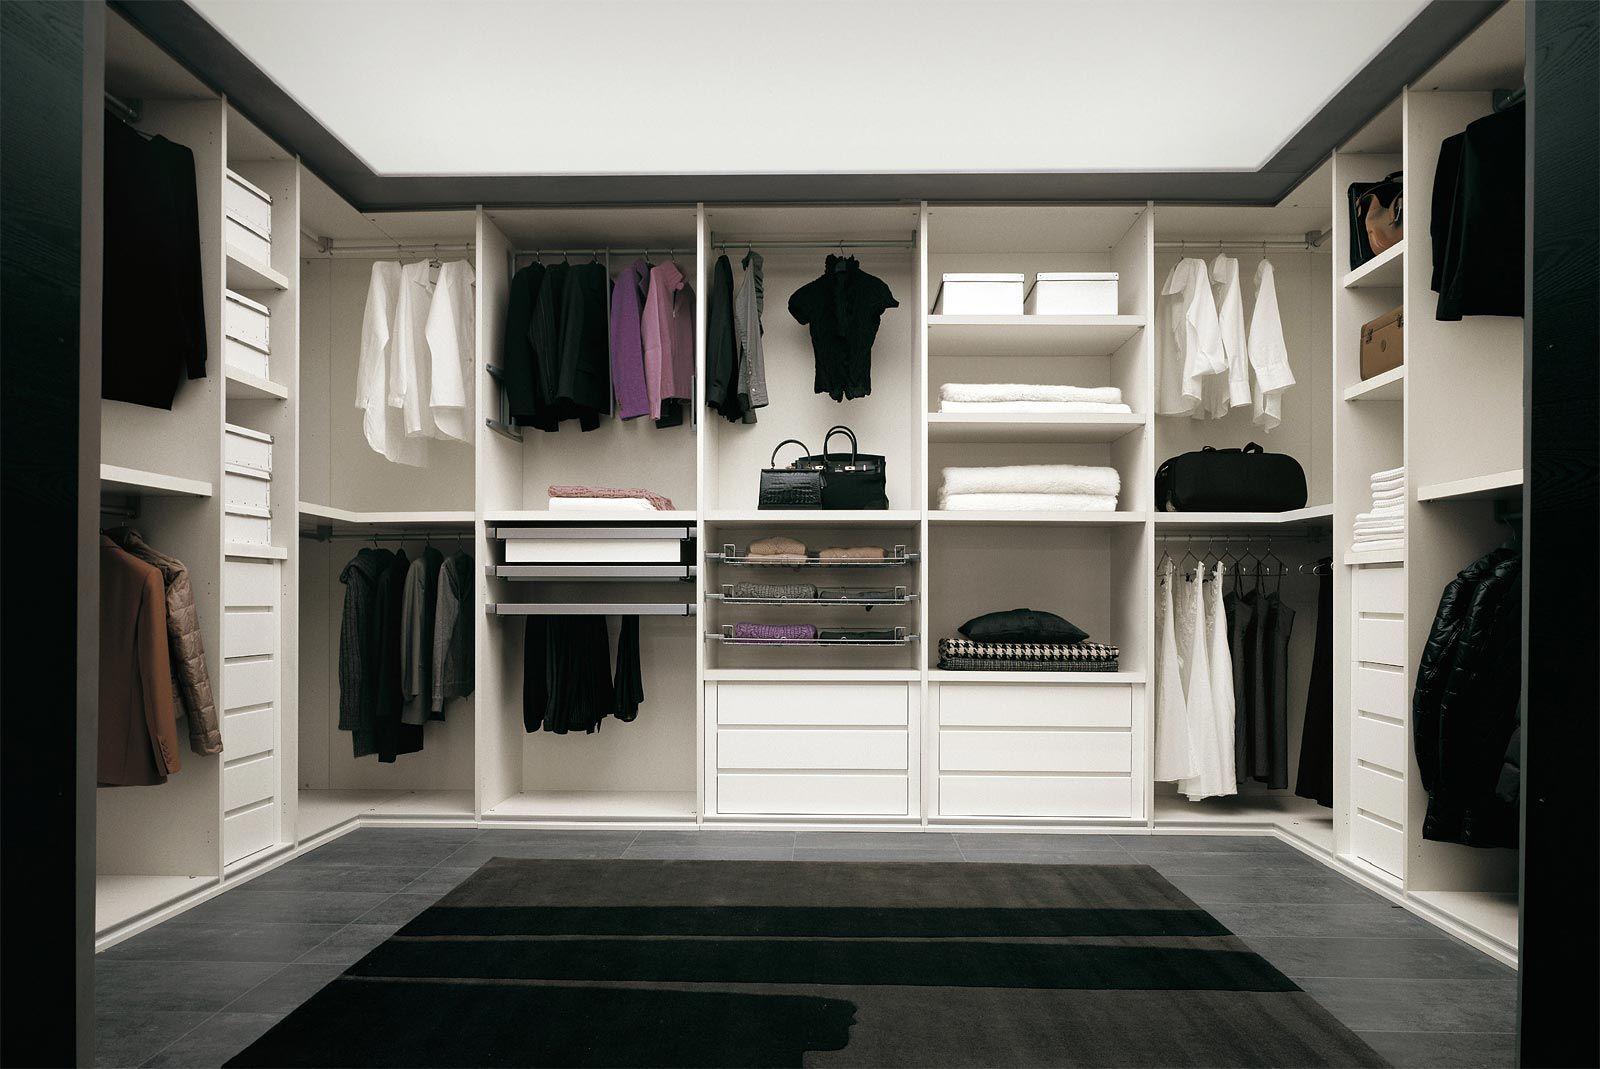 Cabina Armadio Moderne : Camere da letto moderne cabina armadio cenedese purple